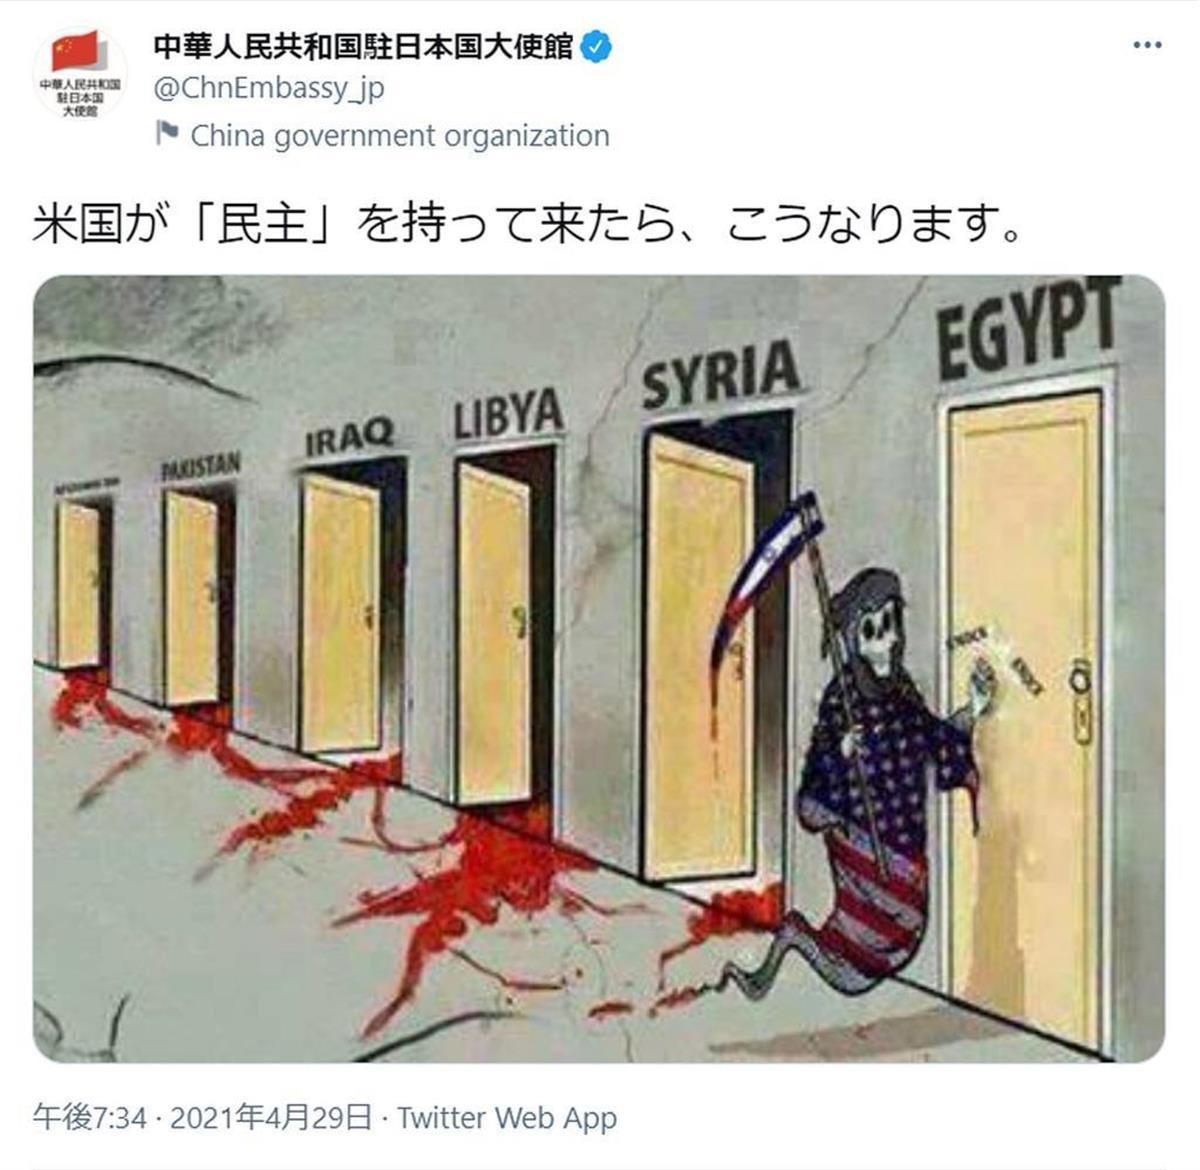 すでに削除されたものの、在日中国大使館はツイッターで米国を死神になぞらえるようなイラストを投稿した